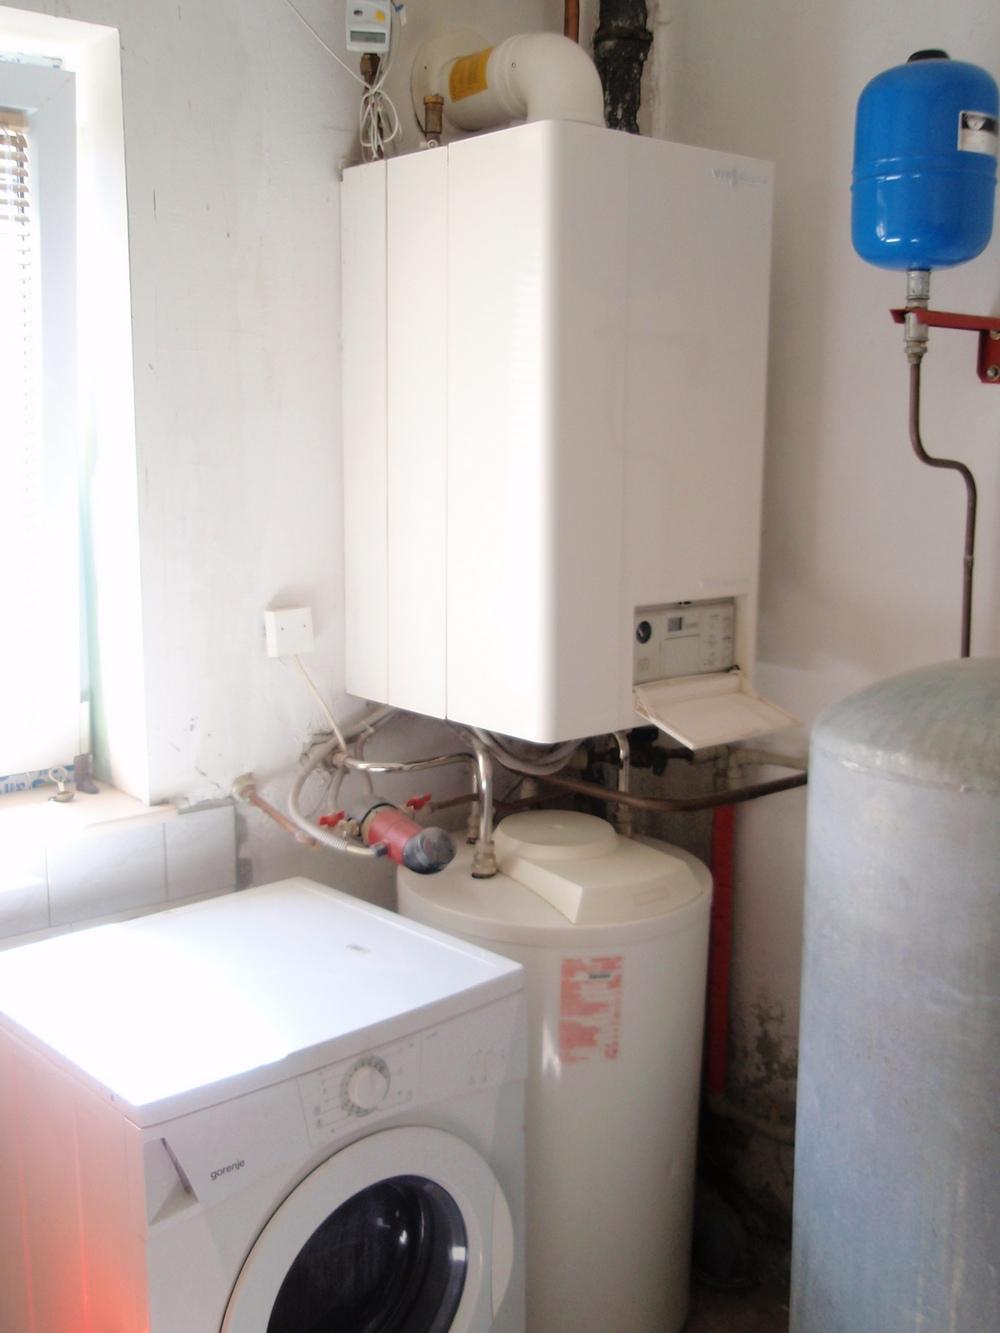 Kondenzacijska kotlovnica prije izvođenja radova